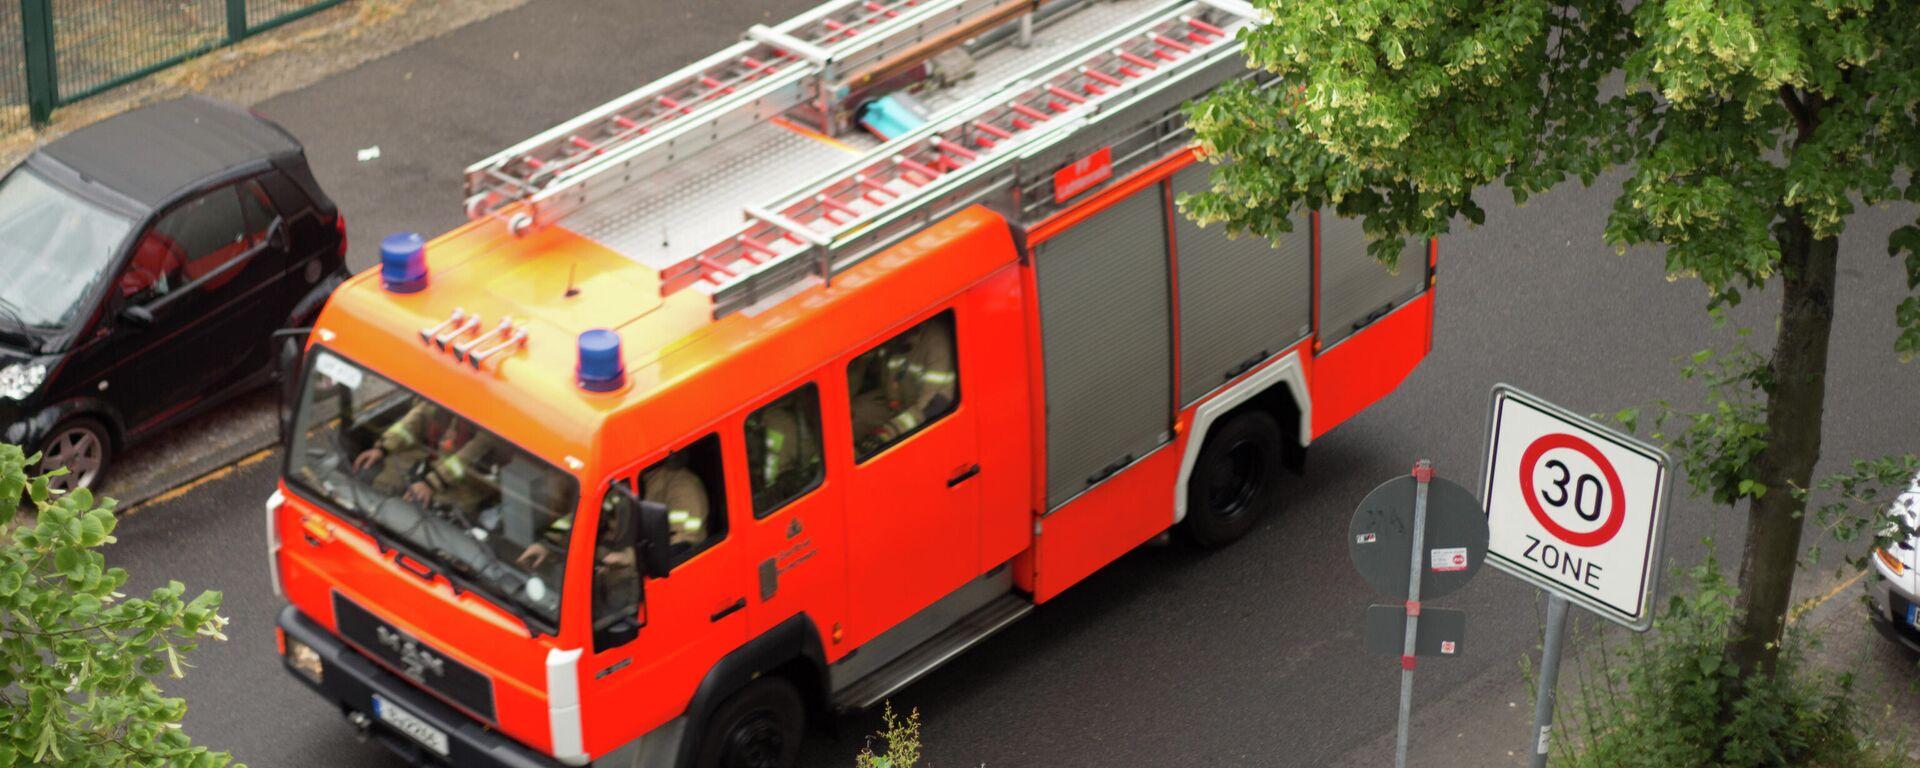 Feuerwehr in Deutschland (Archiv) - SNA, 1920, 28.09.2021